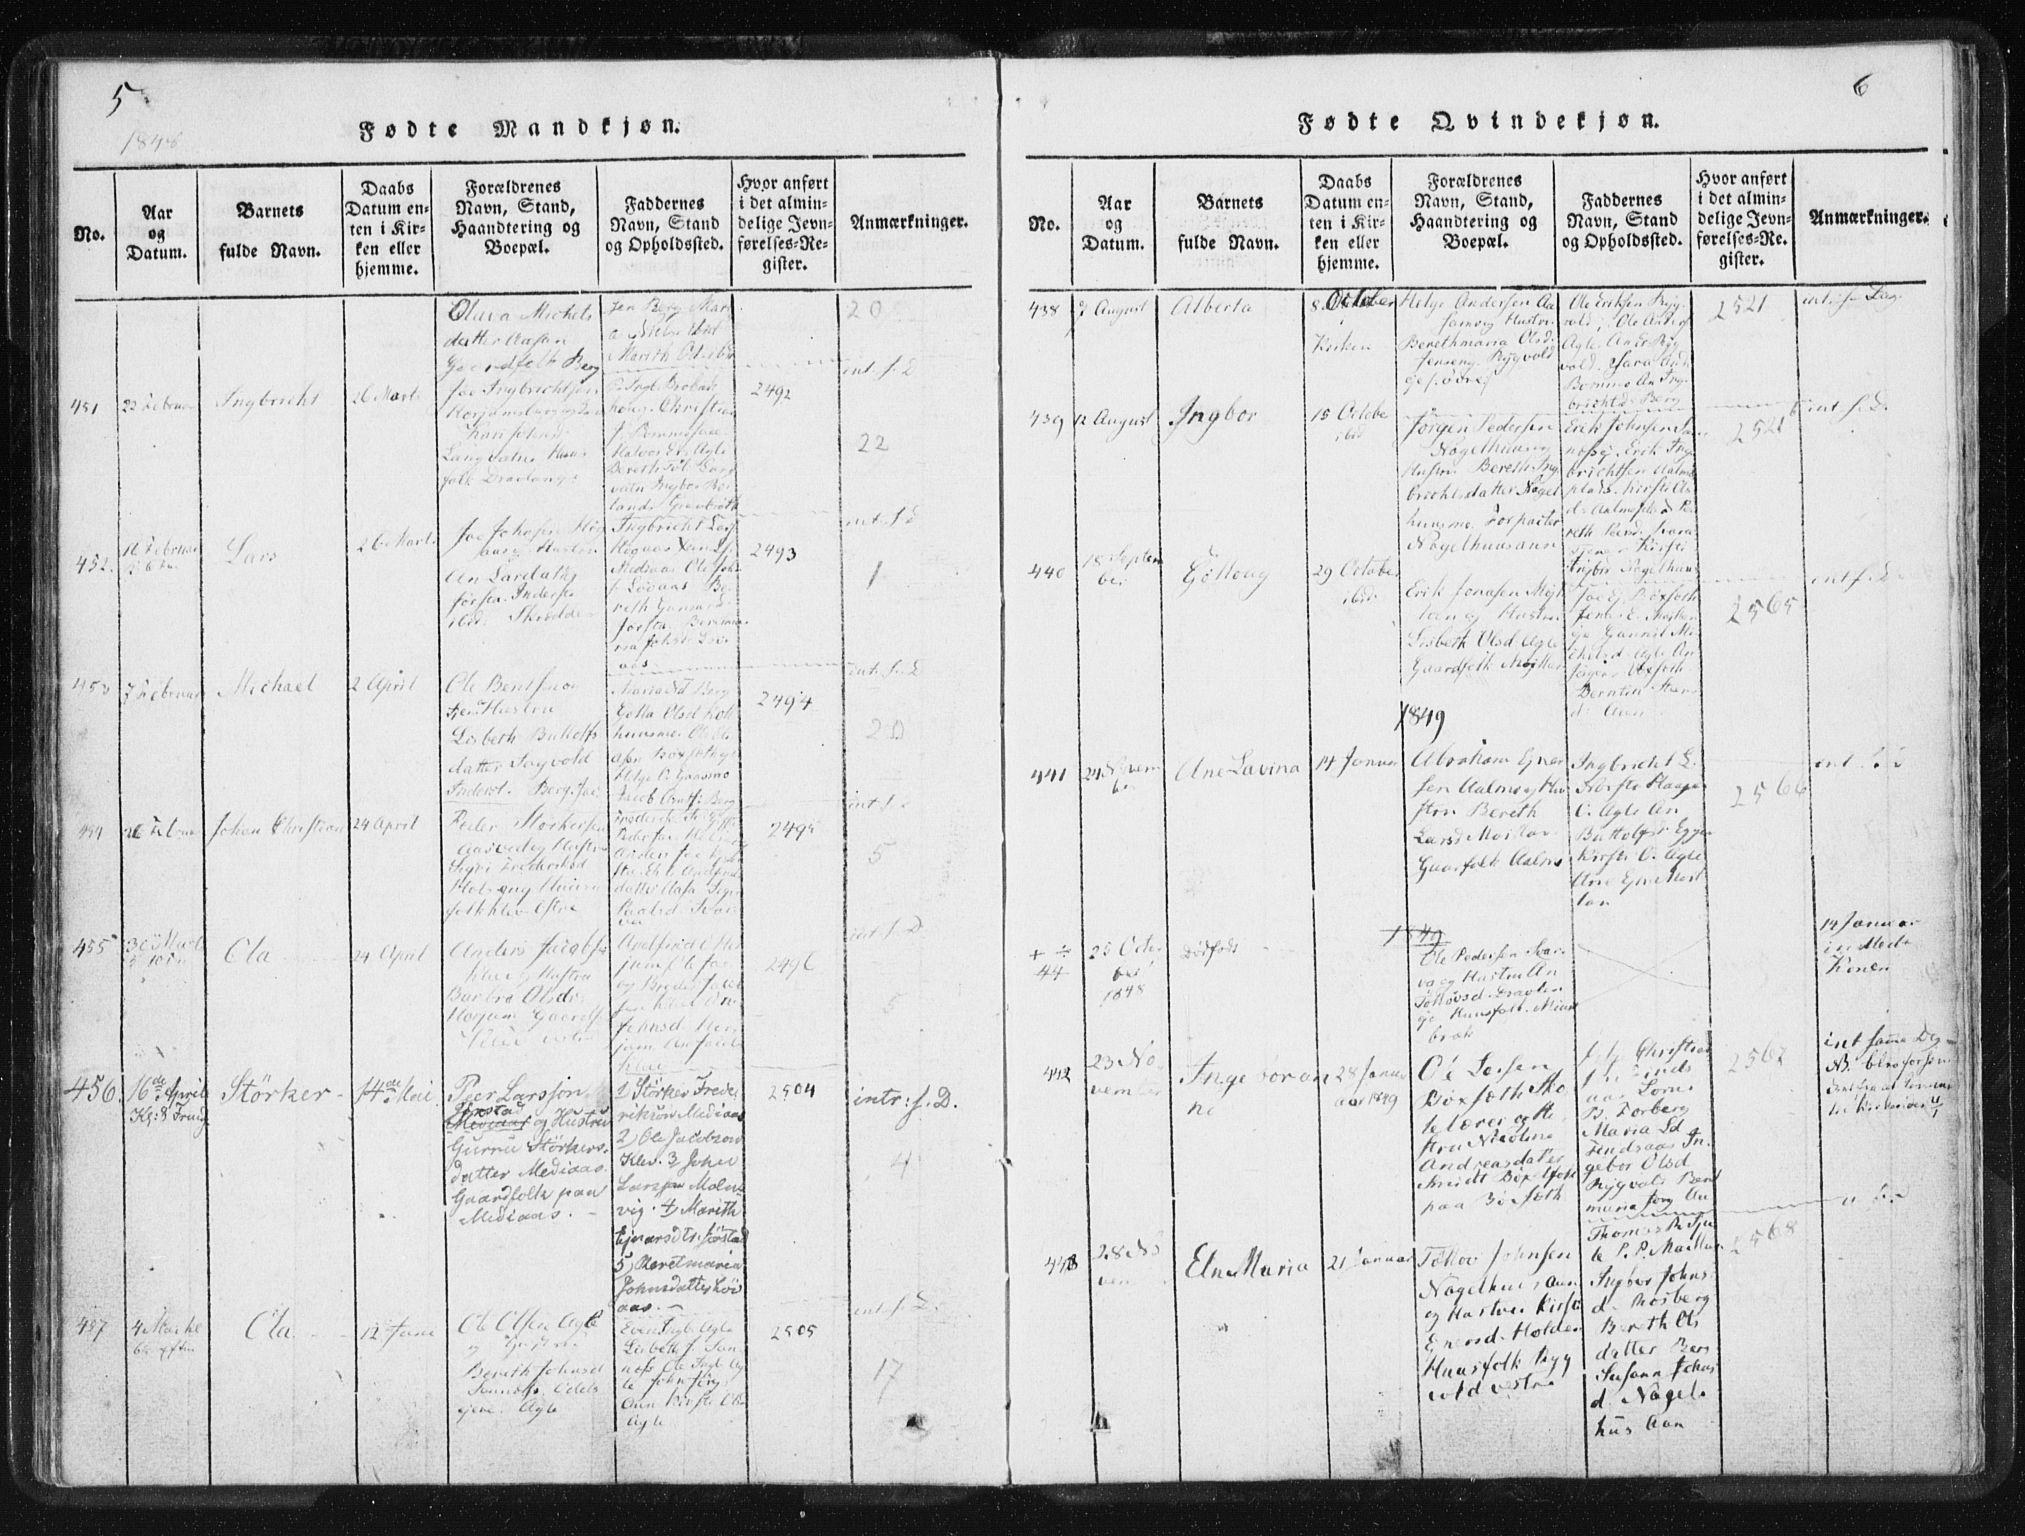 SAT, Ministerialprotokoller, klokkerbøker og fødselsregistre - Nord-Trøndelag, 749/L0471: Ministerialbok nr. 749A05, 1847-1856, s. 5-6